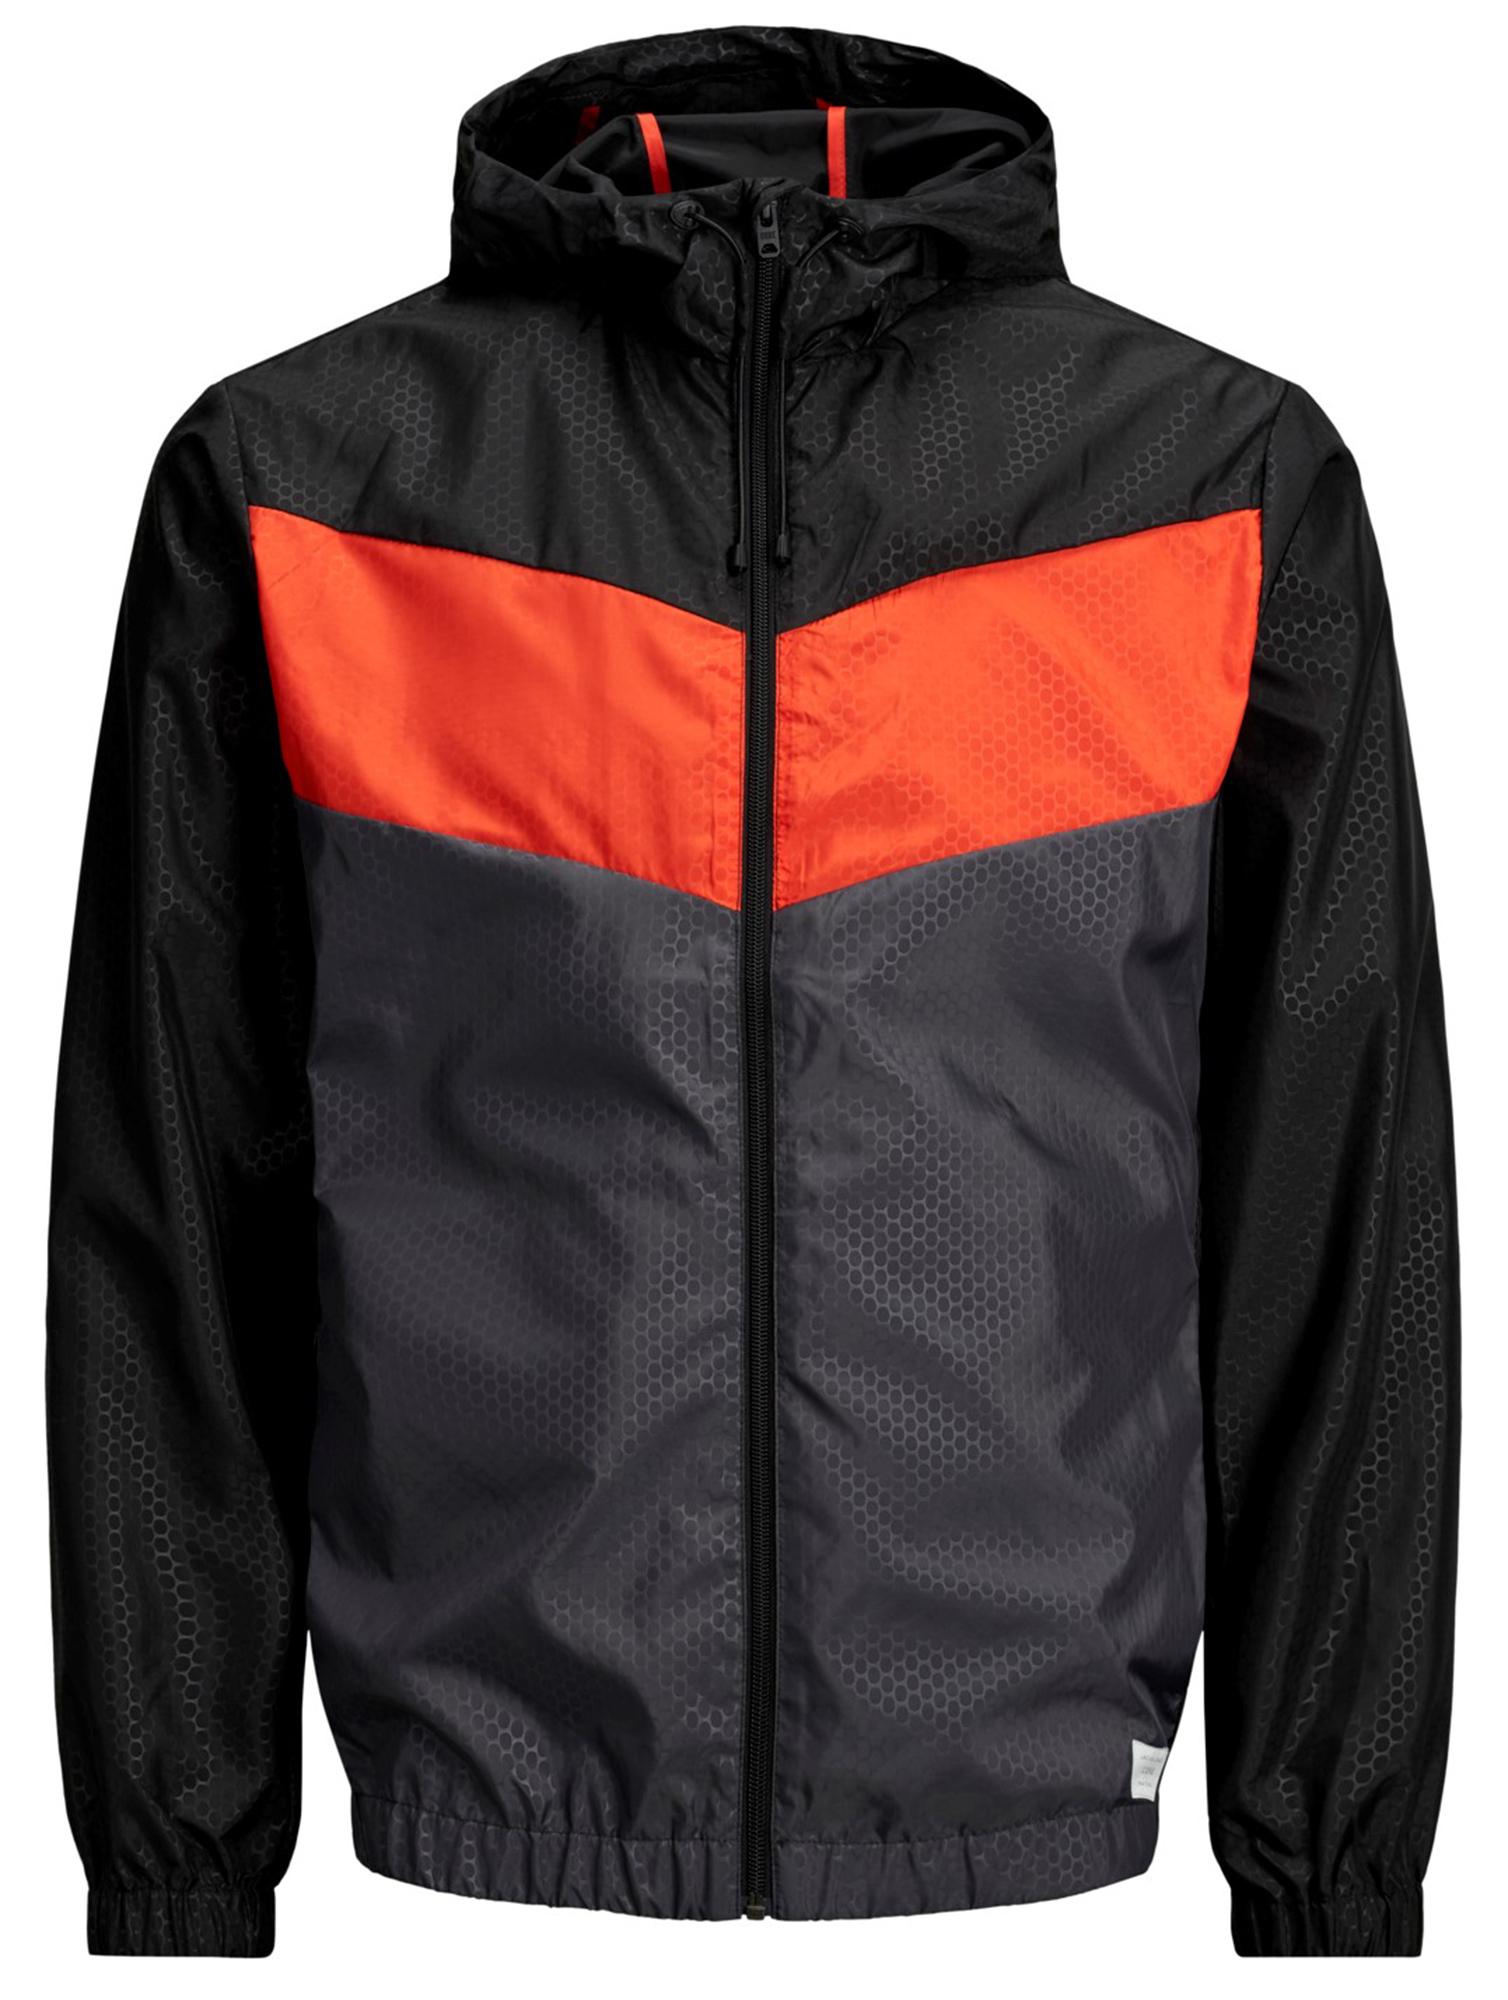 Jack /& Jones Men's Core Jaguar Lightweight Hooded Jacket Casual Polyester Coat